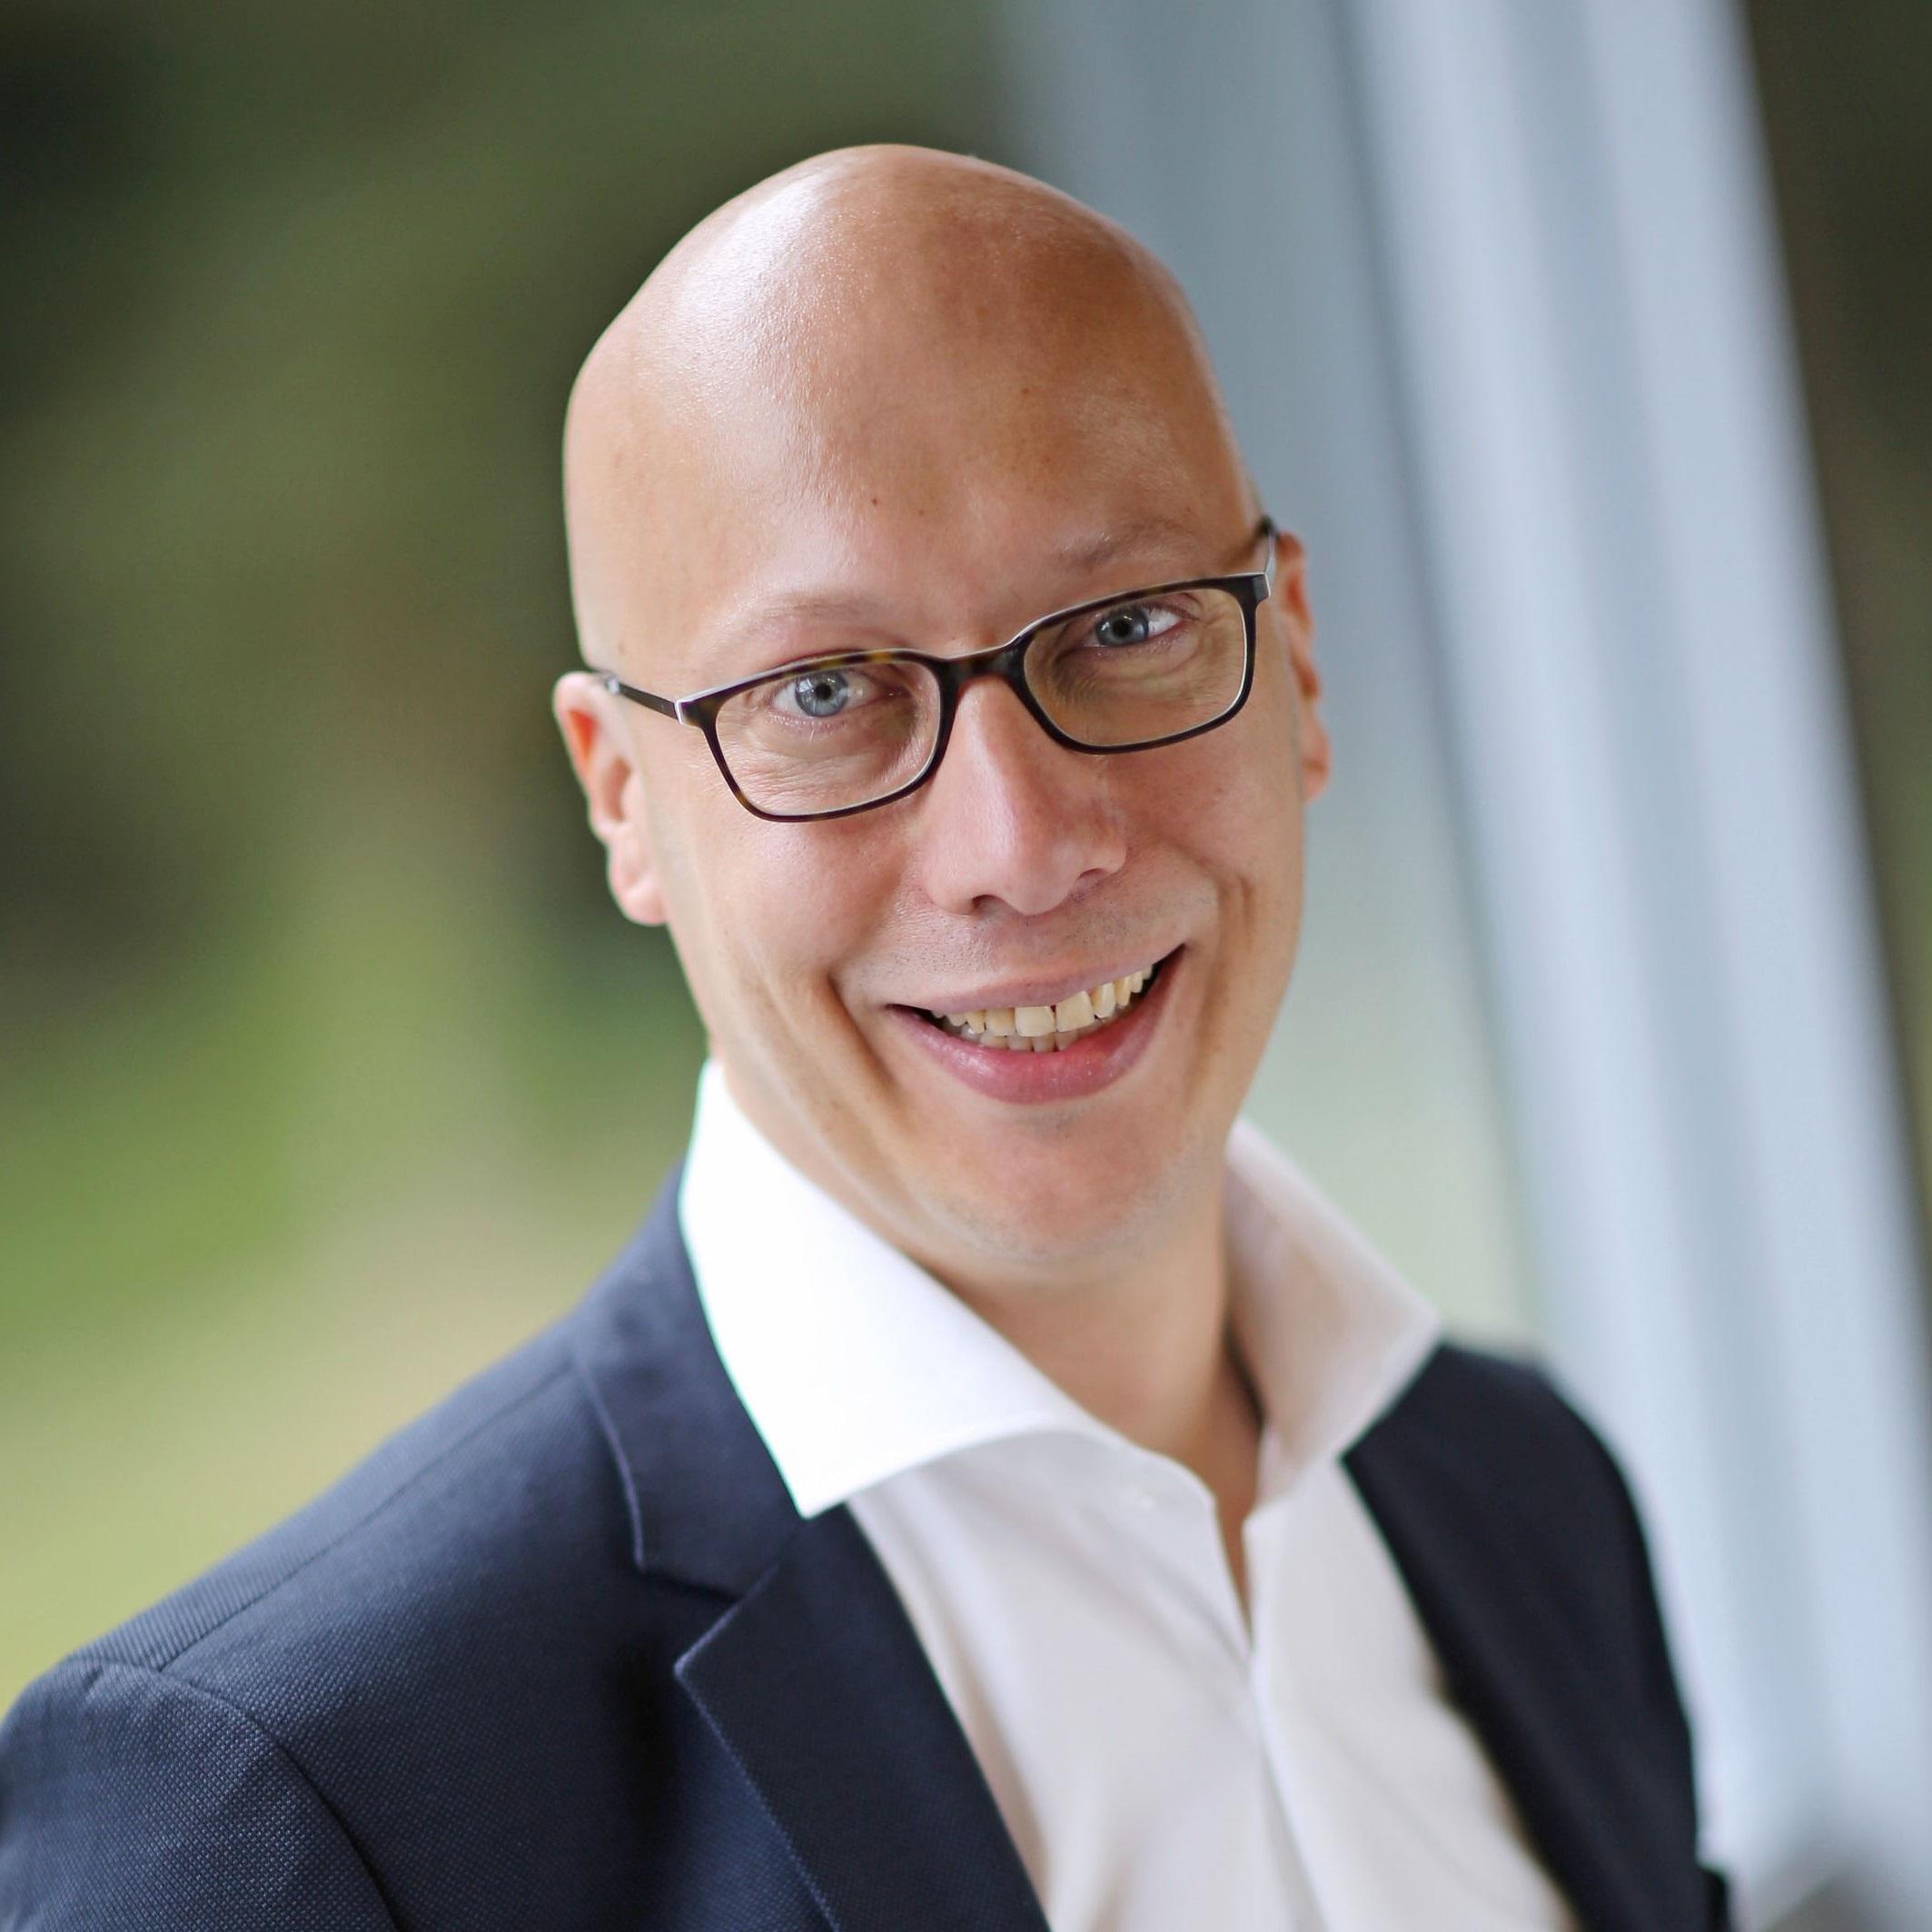 Bastiaan van der Linden